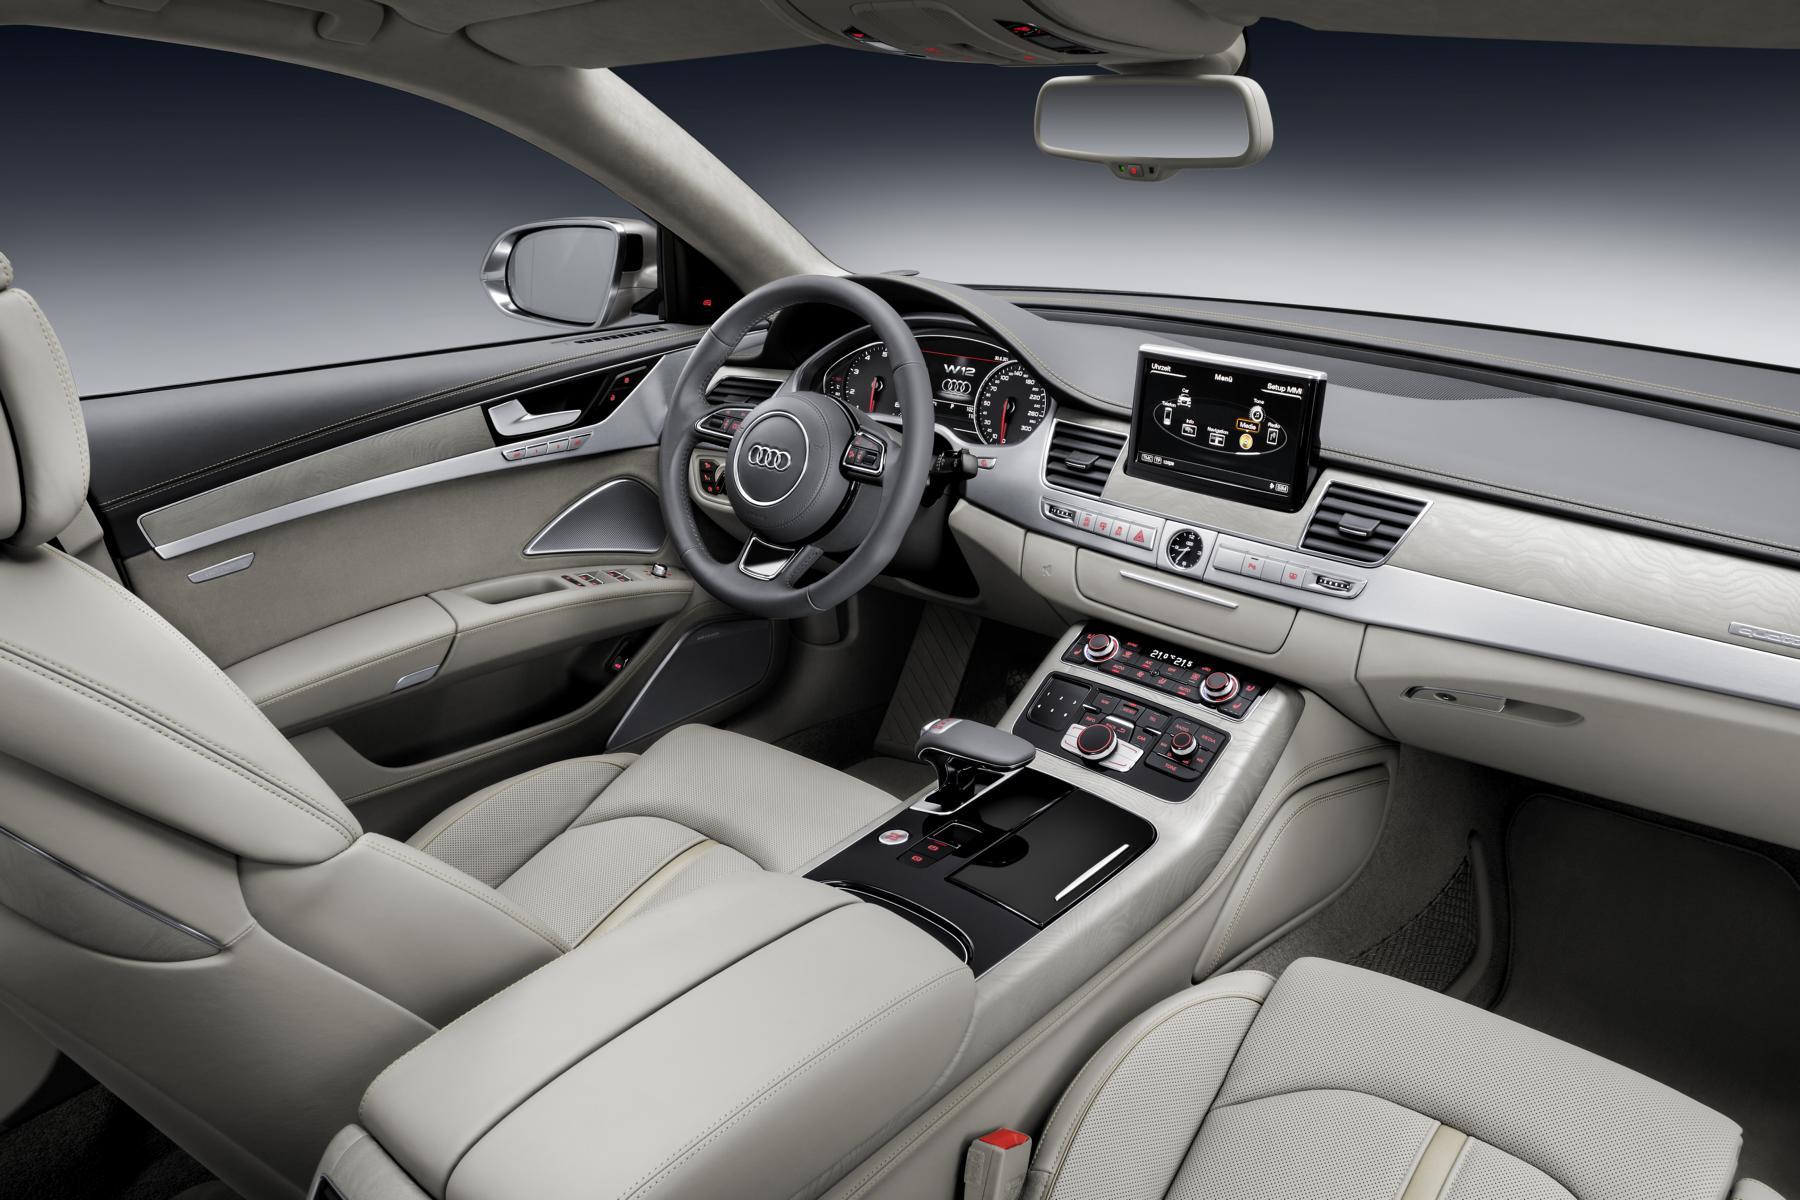 Audi_A8_W12_03_37